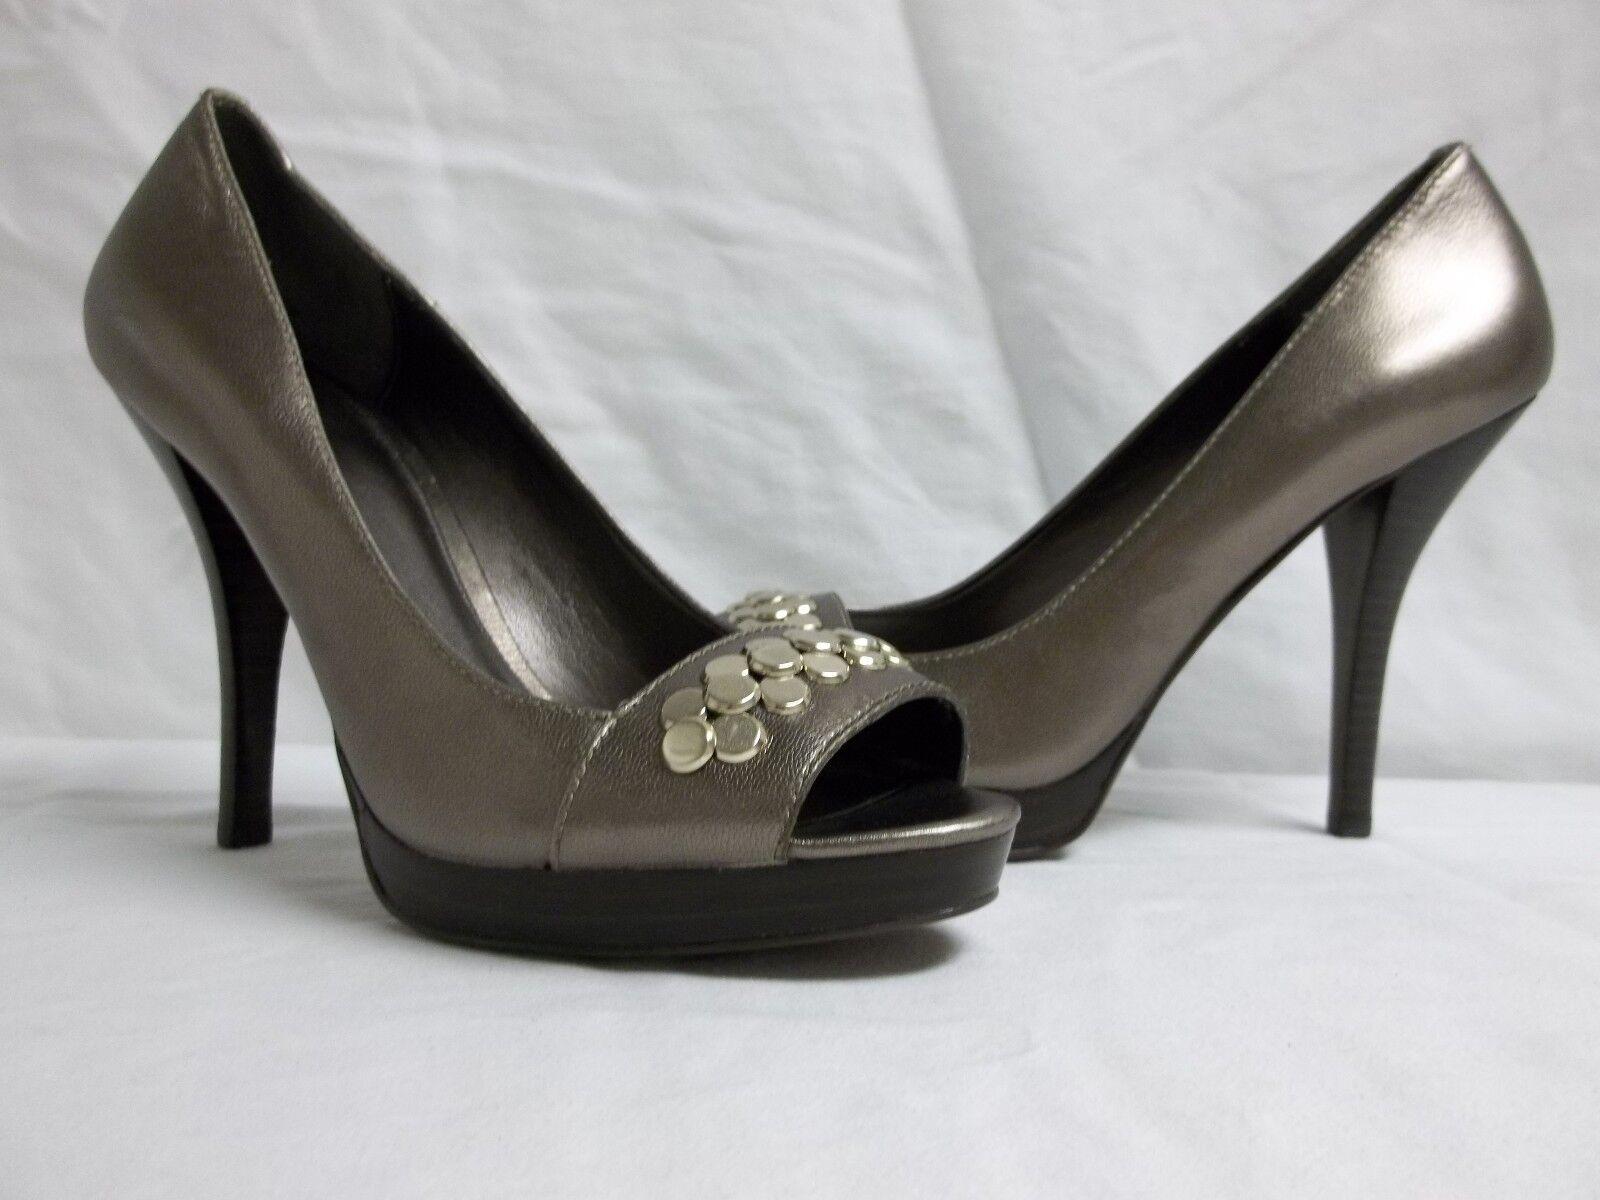 Calvin Klein Größe 8.5 M Caleigh Leder Pewter Open Toe Heels NEU Damenschuhe Schuhes